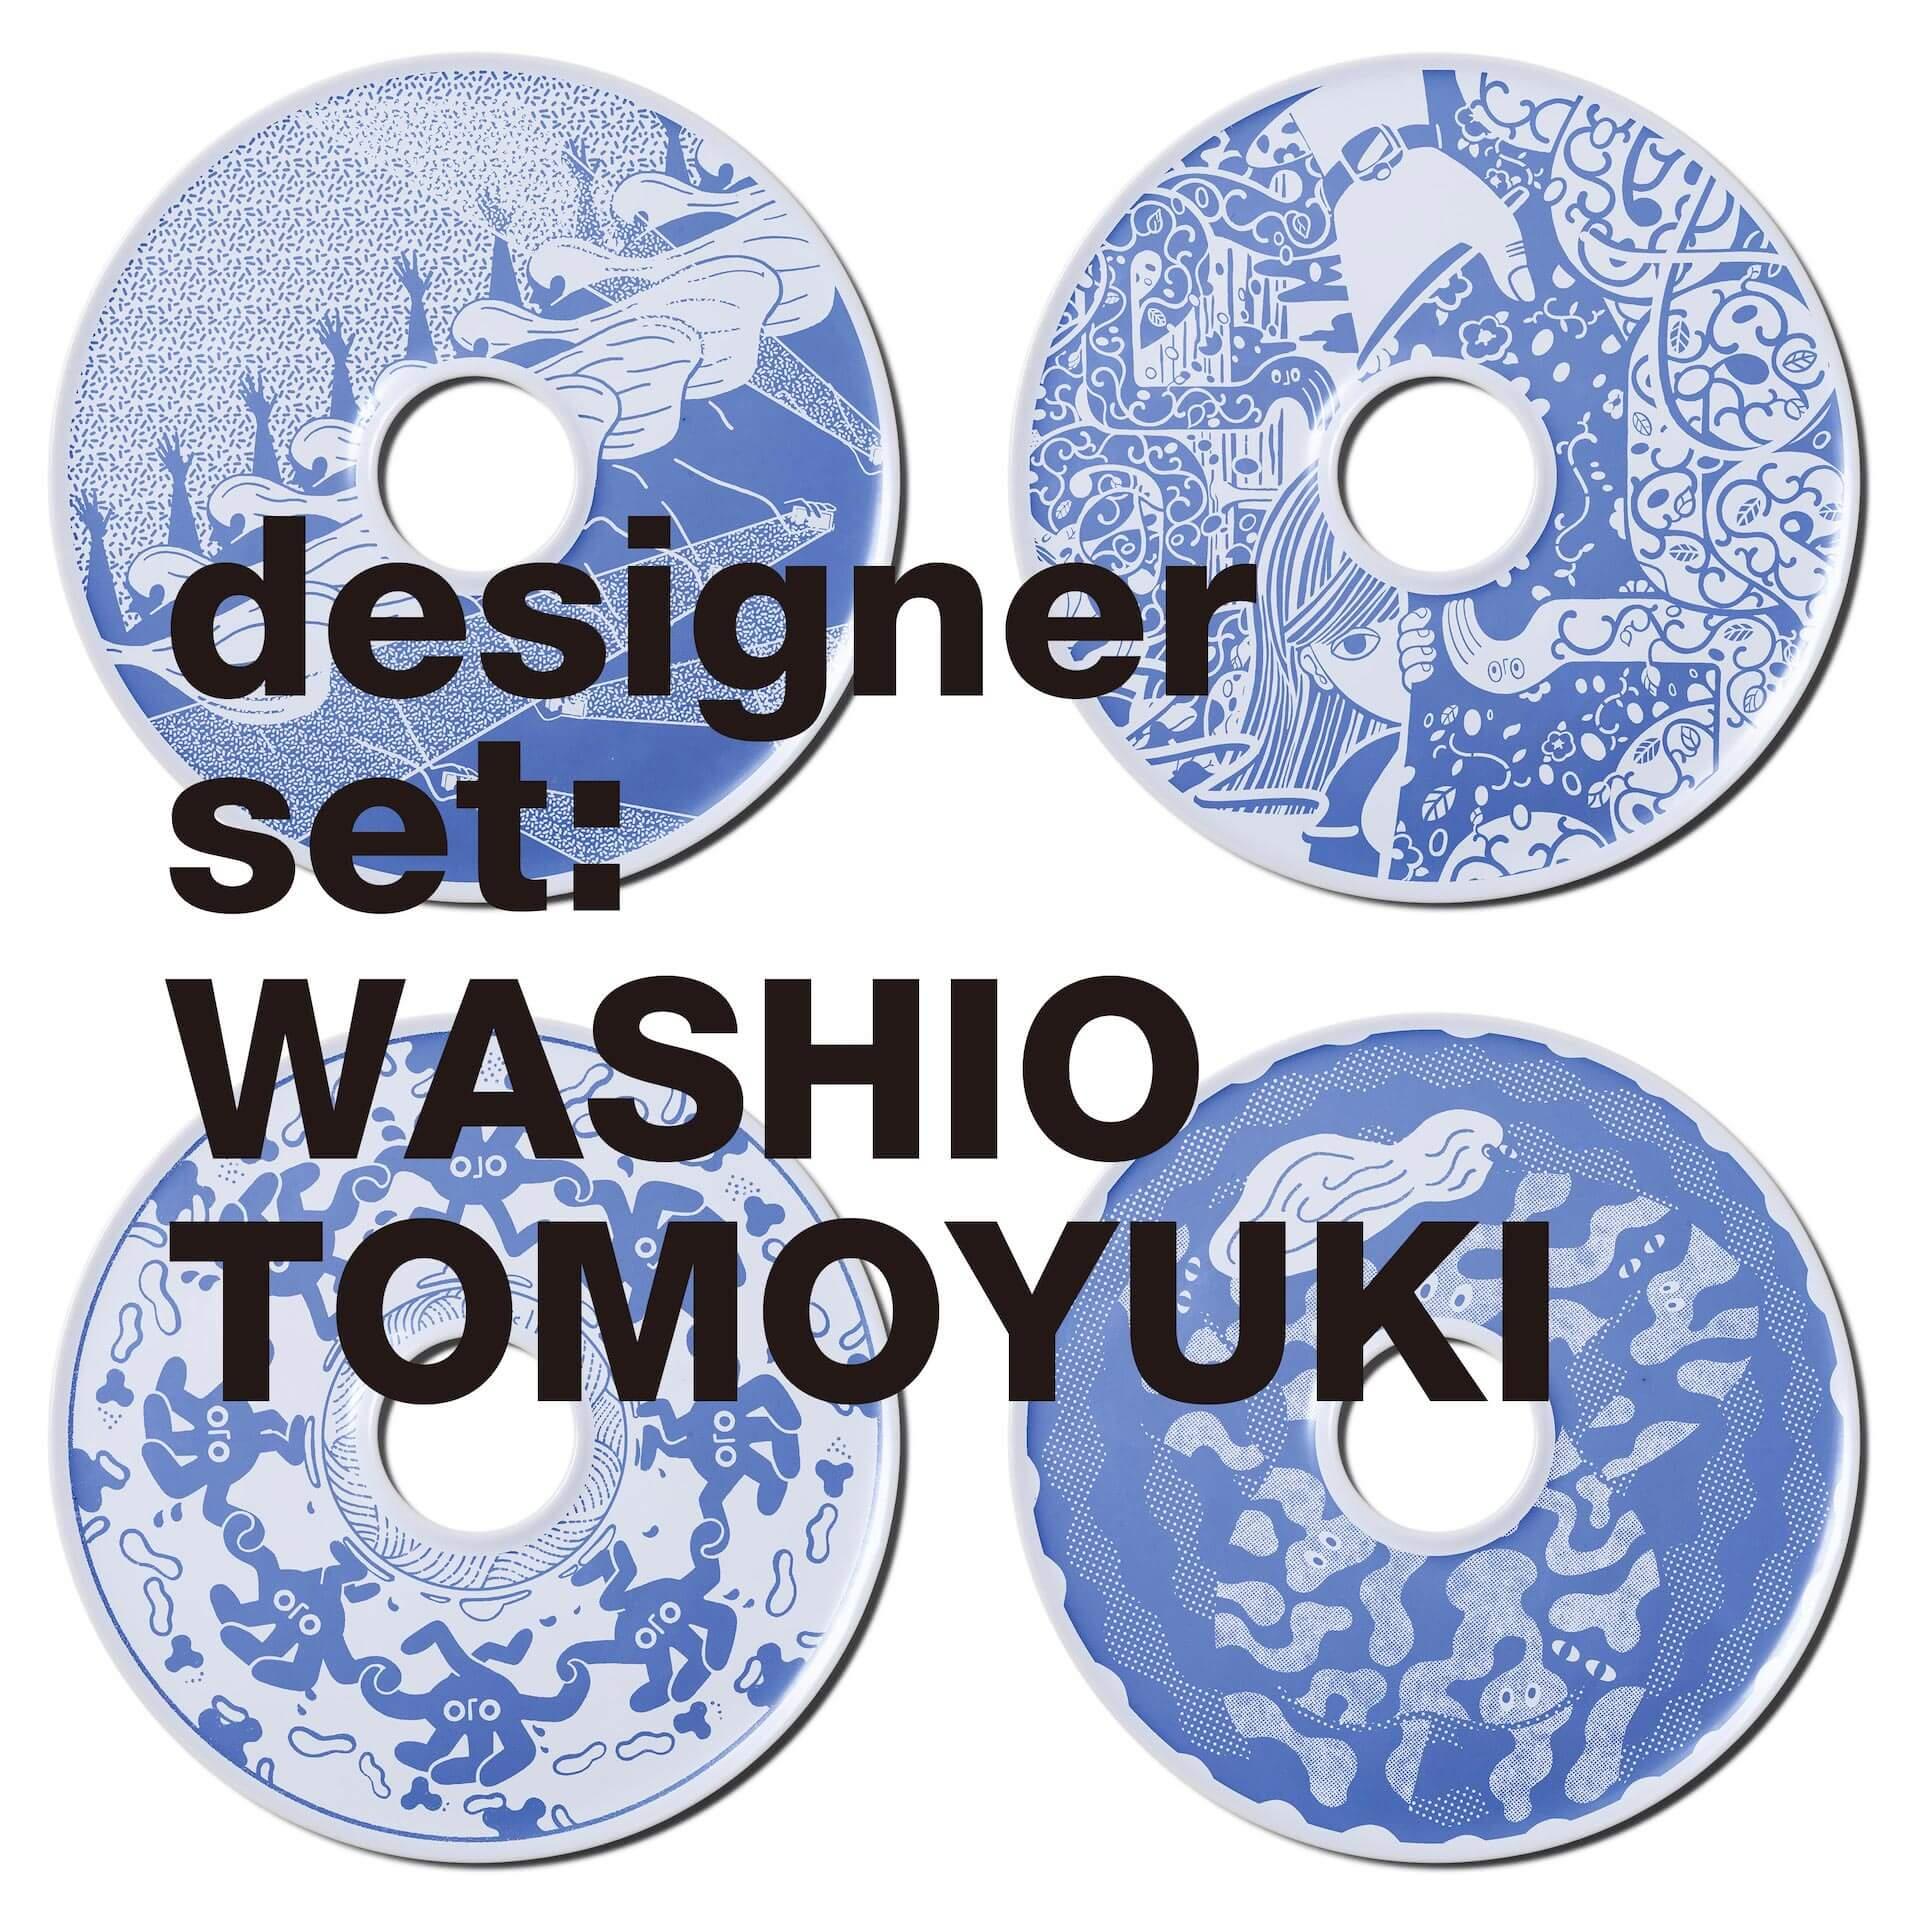 インタビュー:PEOPLEAP『THE SWEETEST TABOO』シリーズ Vol.4 KO-TA SHOJI/WASHIO TOMOYUKI interview211013_peopleap_5